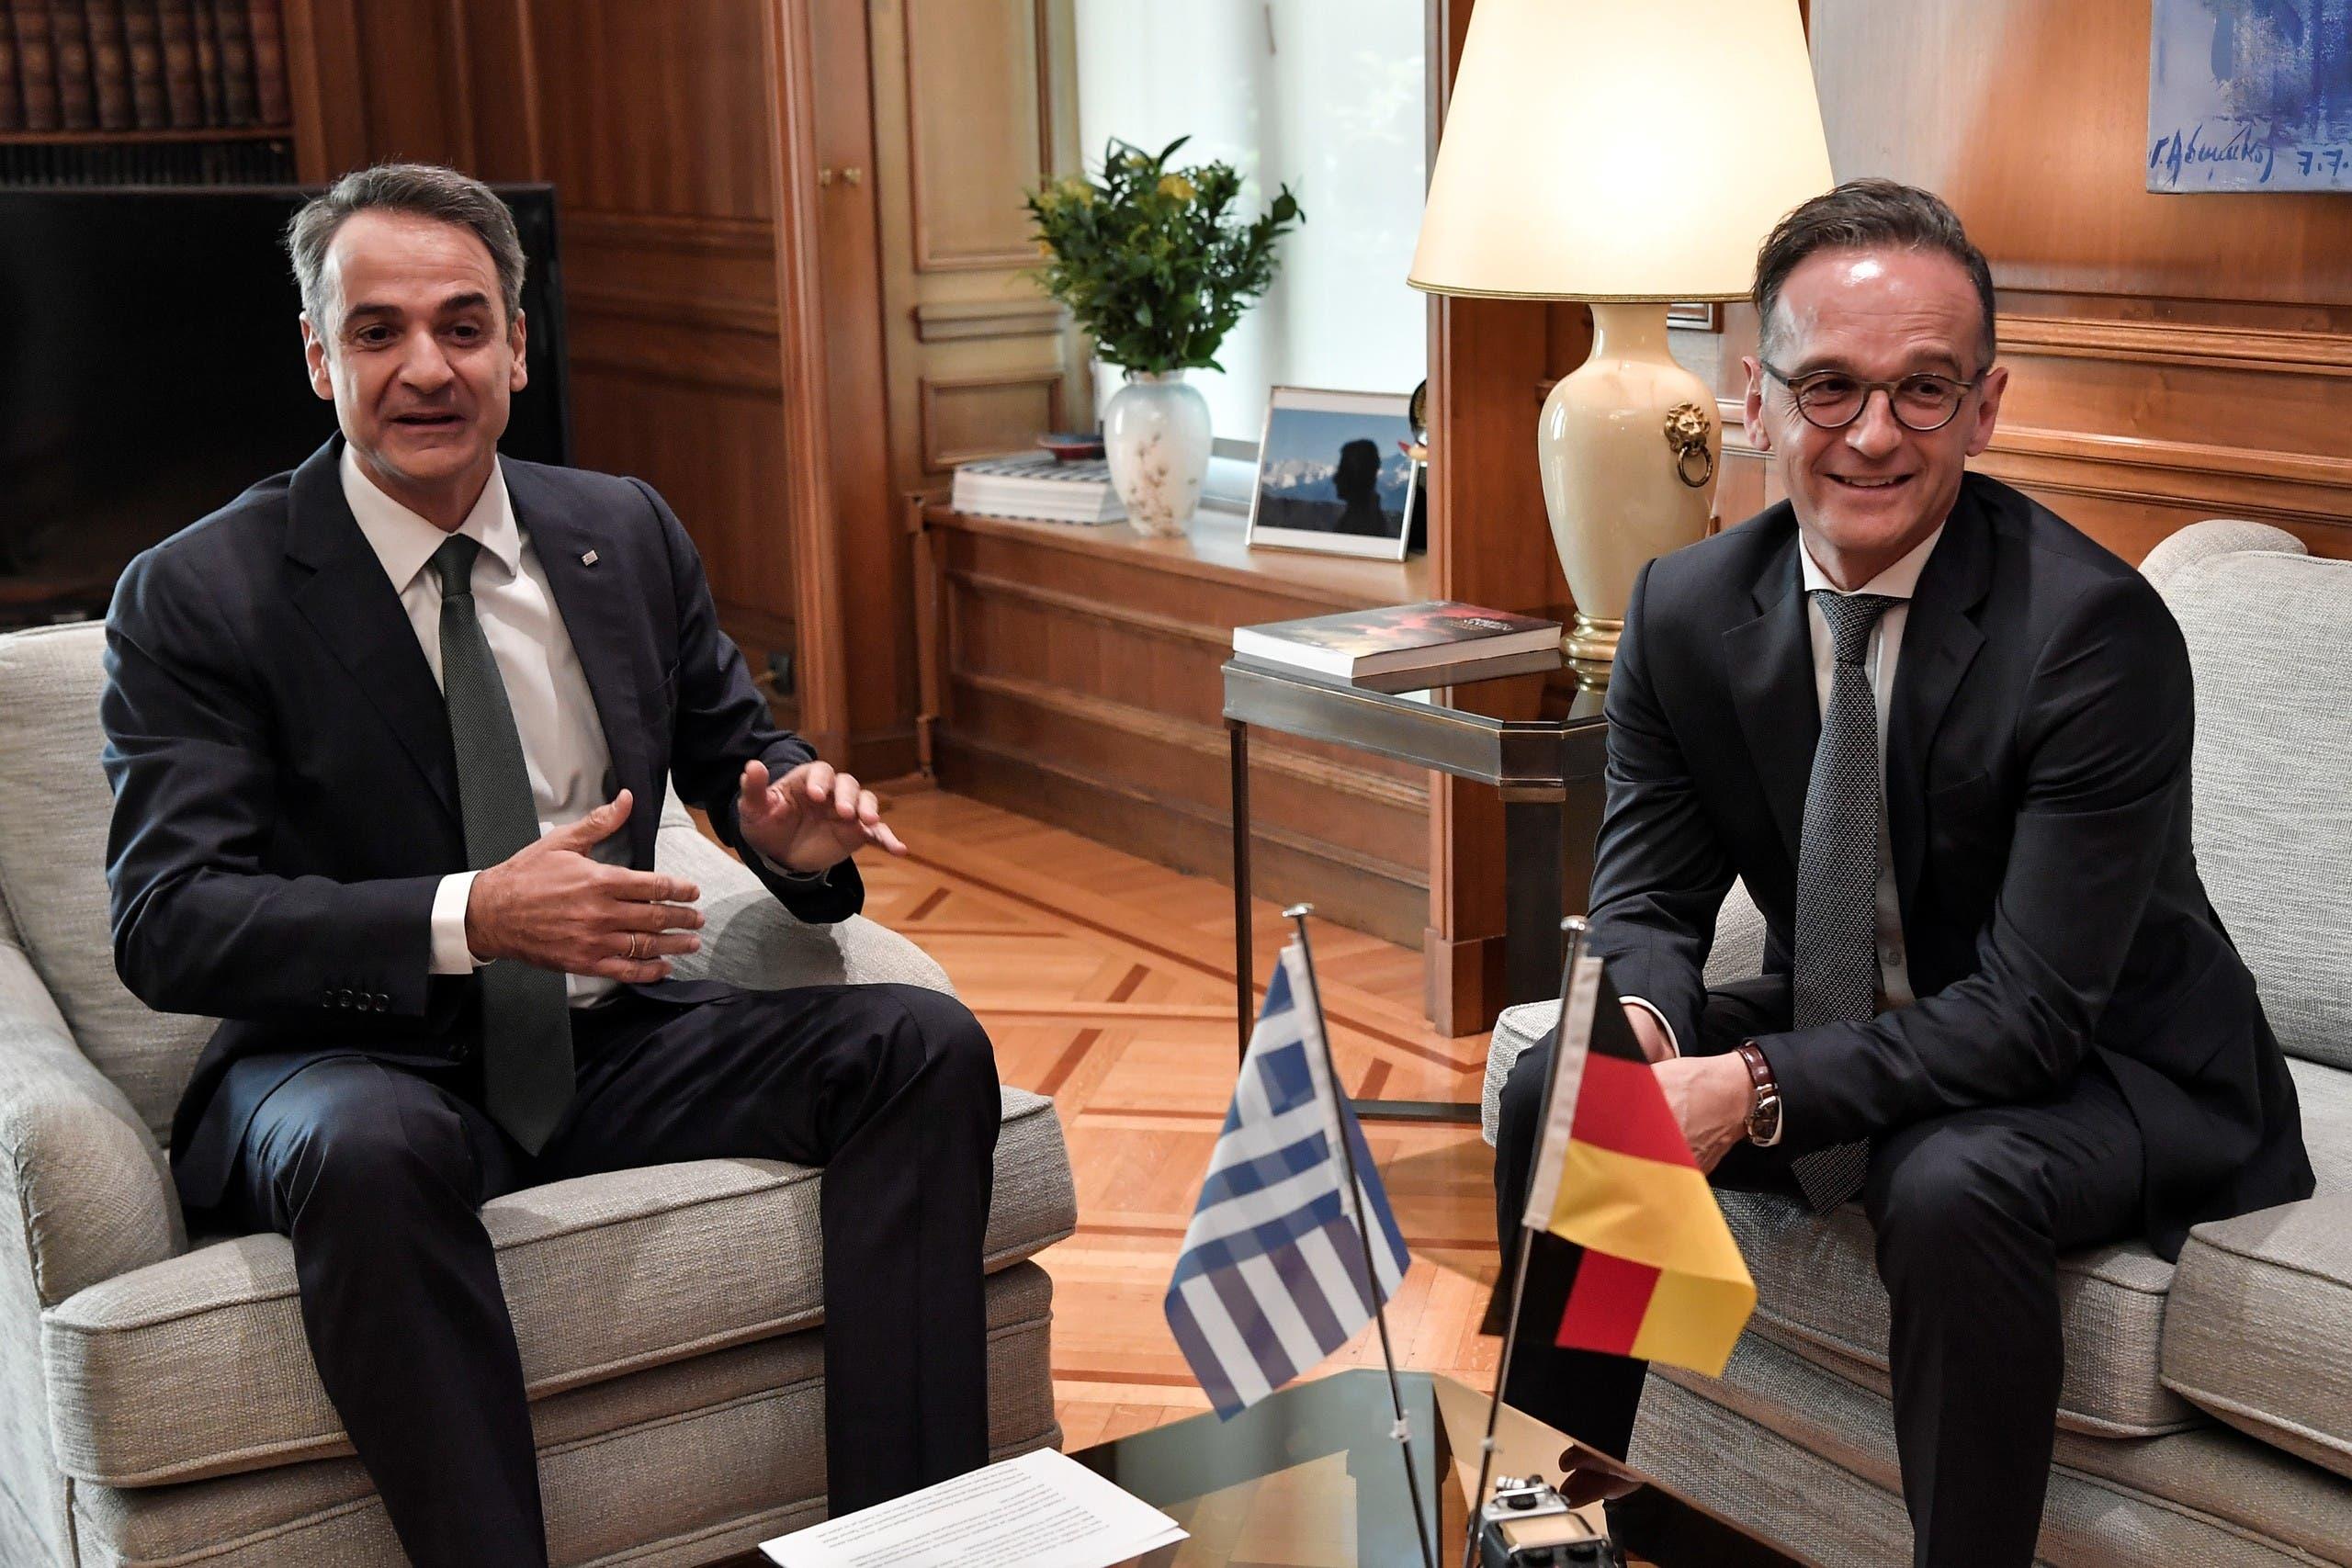 هايكو ماس مع رئيس الوزراء اليوناني كيرياكوس ميتسوتاكيس